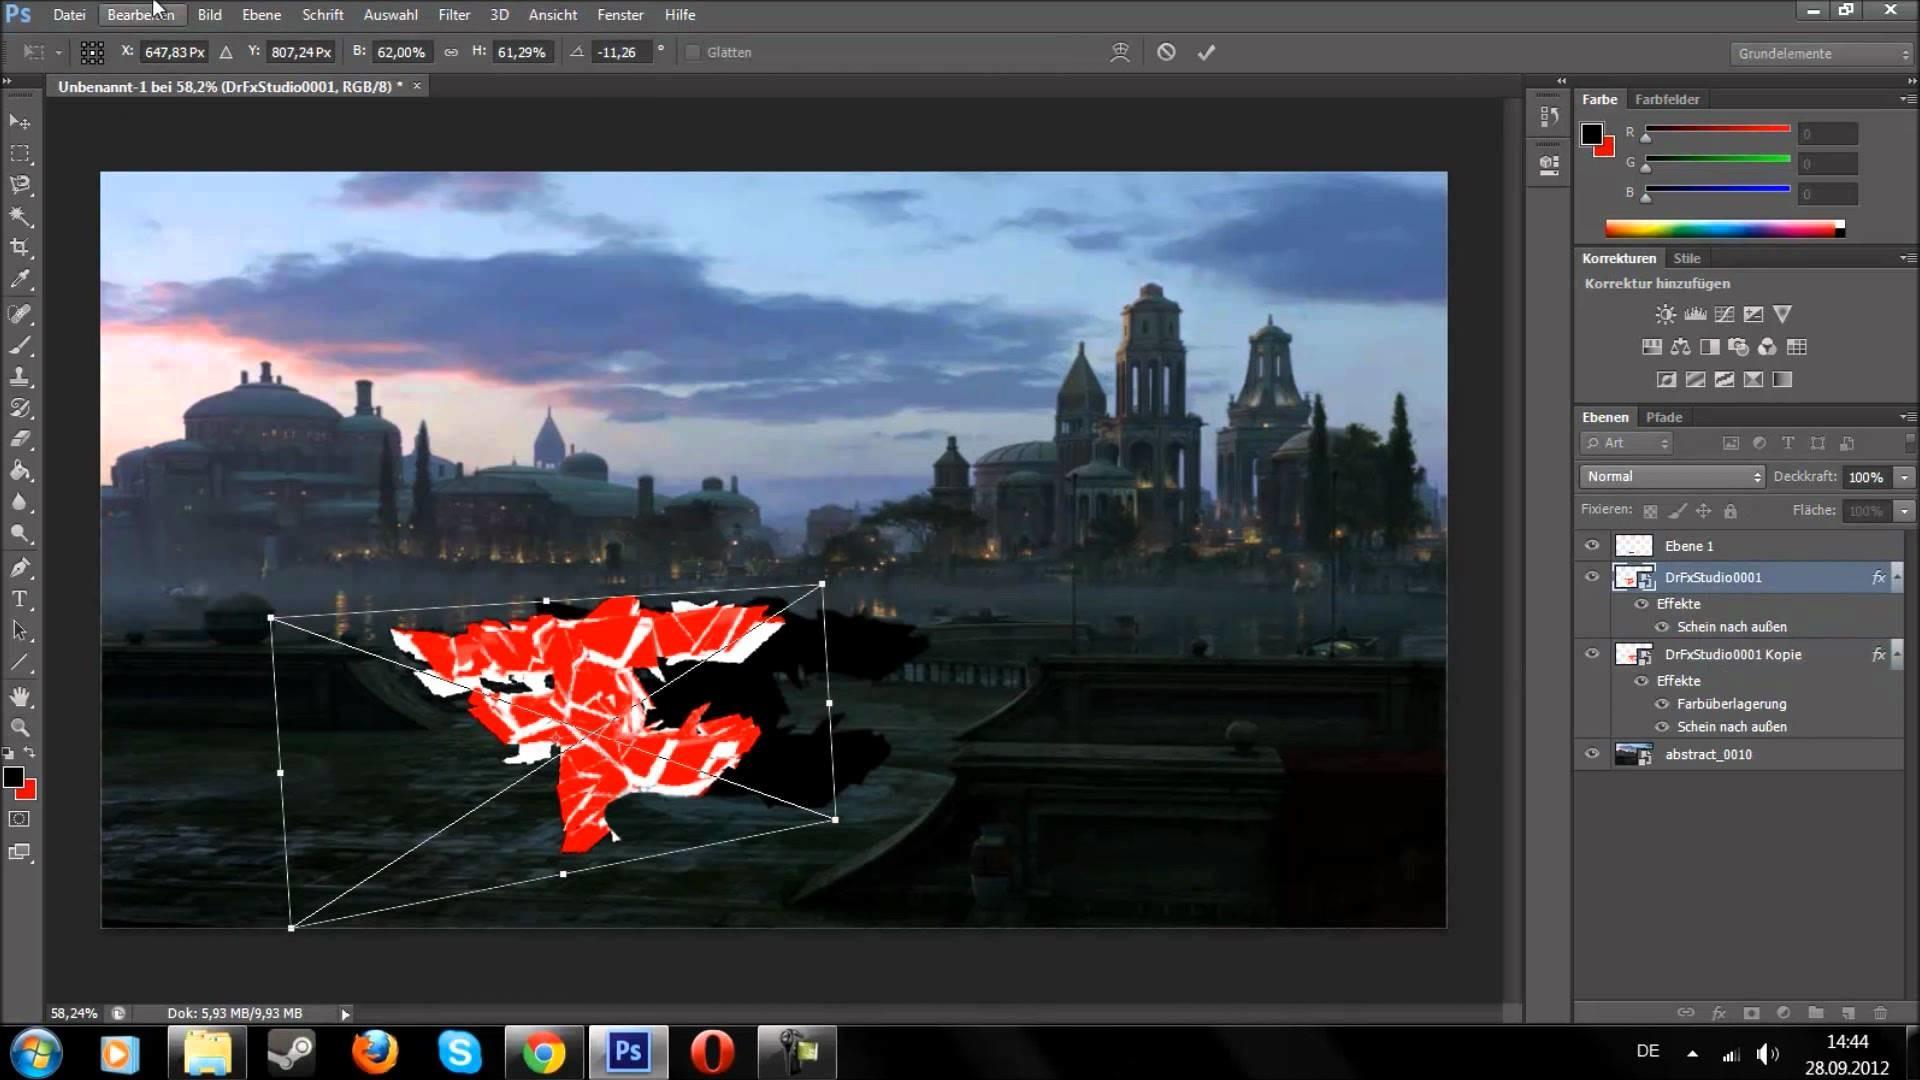 FaZe Clan Wallpaper HD   Speedart #56 by MrFxStudios   [HD] – YouTube